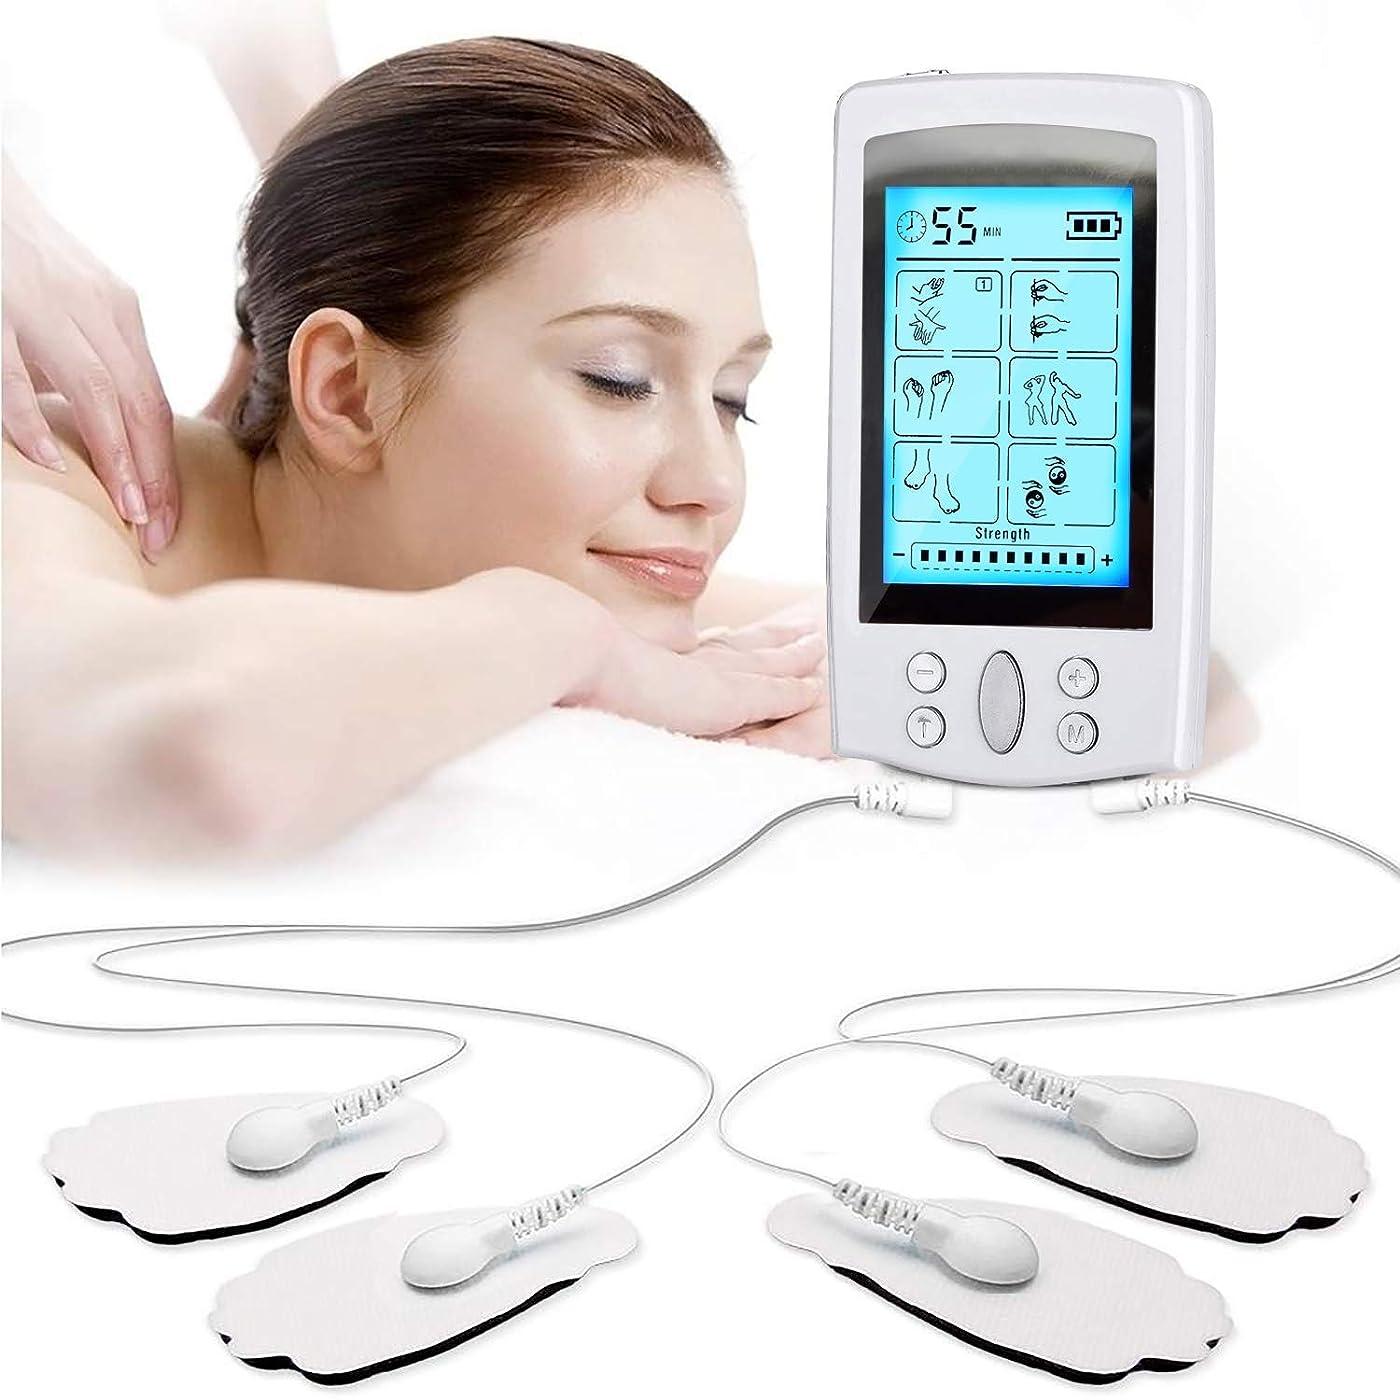 知事ひまわり合意EMS/TENS刺激装置デジタル、 携帯用ヘルスケアボディ電気単位および筋肉刺激装置、電極パッドが付いている12のモード20レベル筋肉刺激のマッサージャー